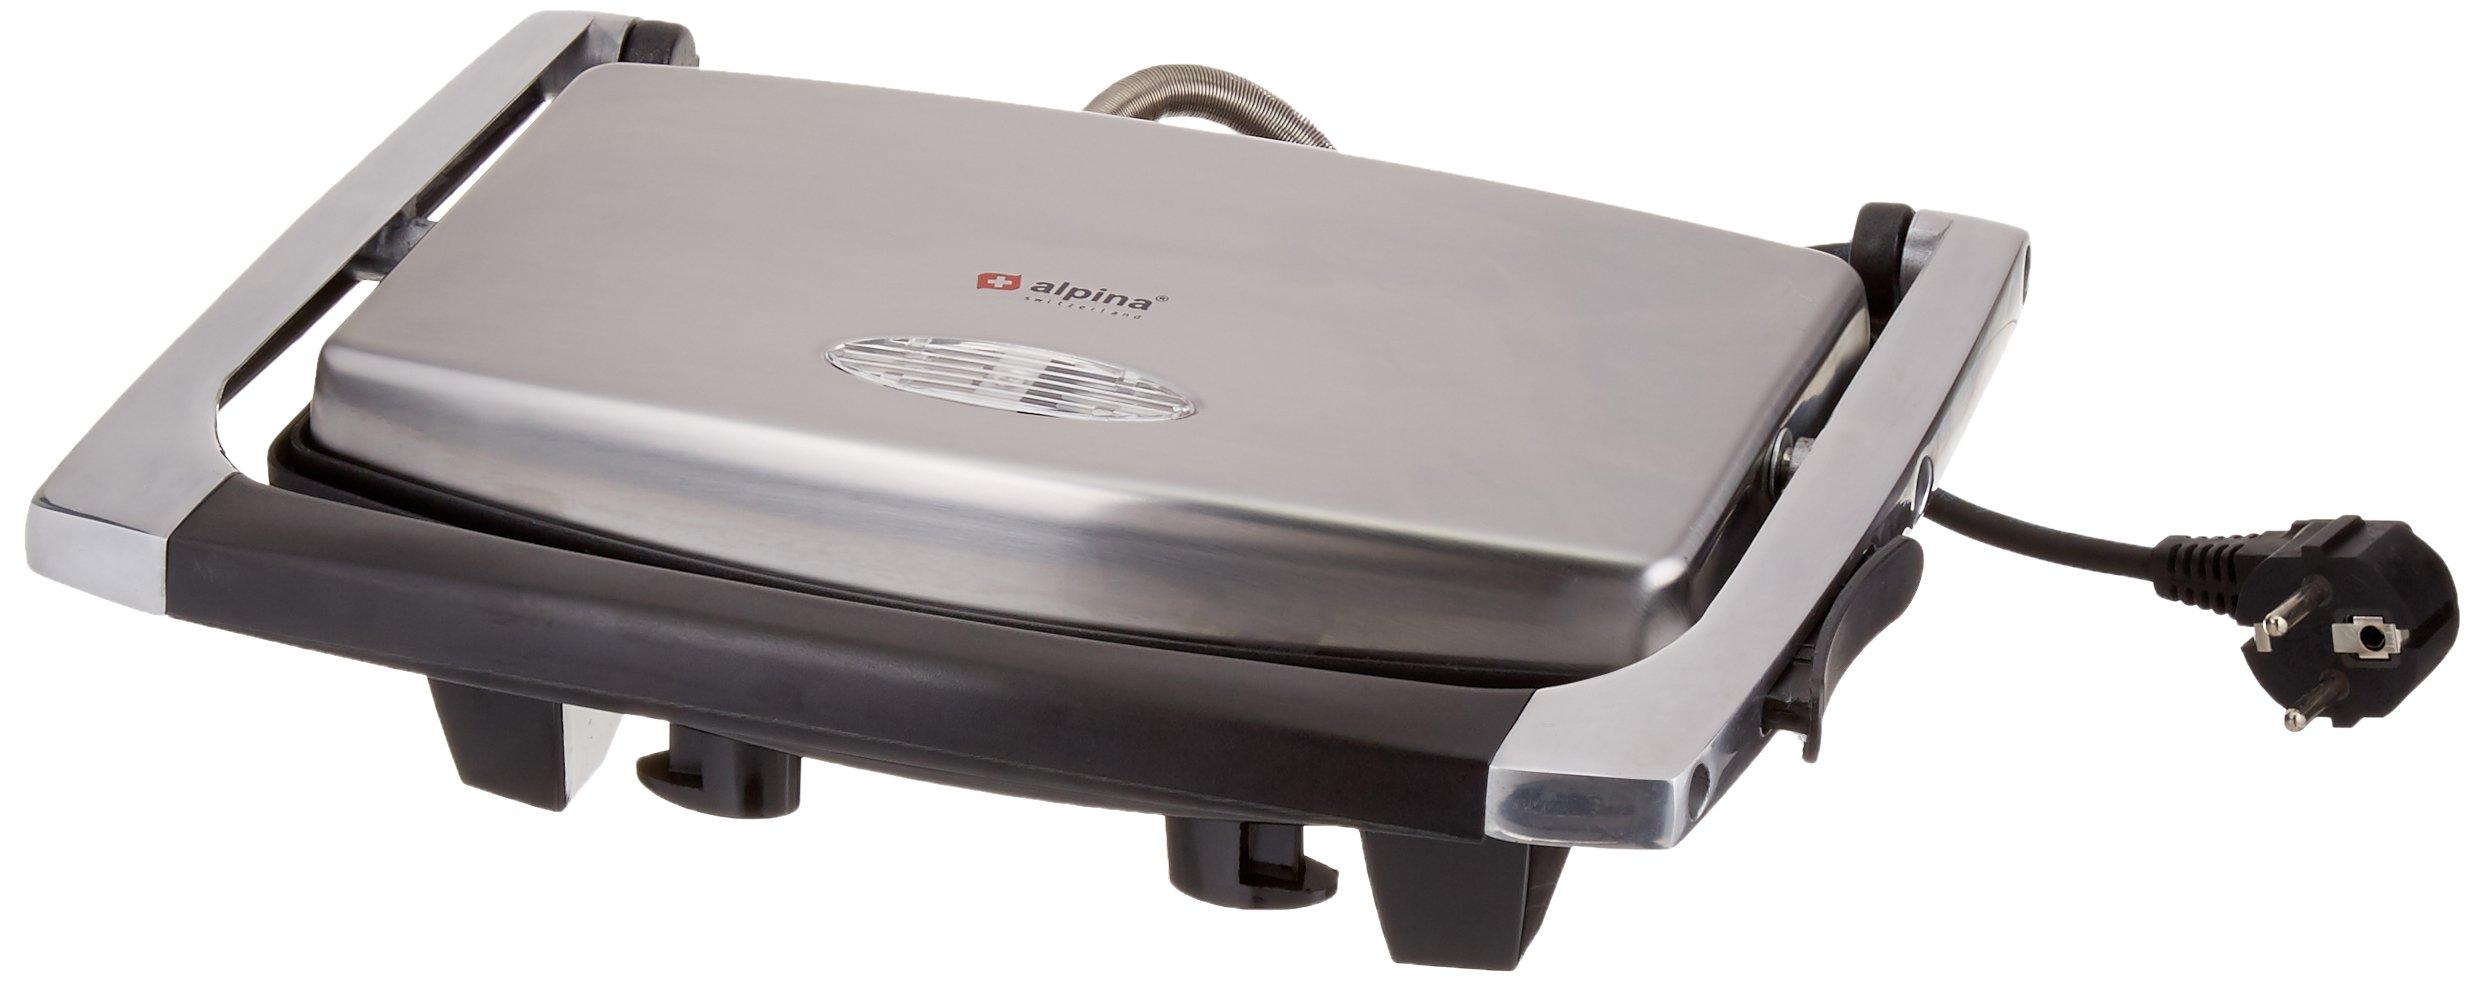 Alpina SF-6022 Panini Sandwich Grill, Silver